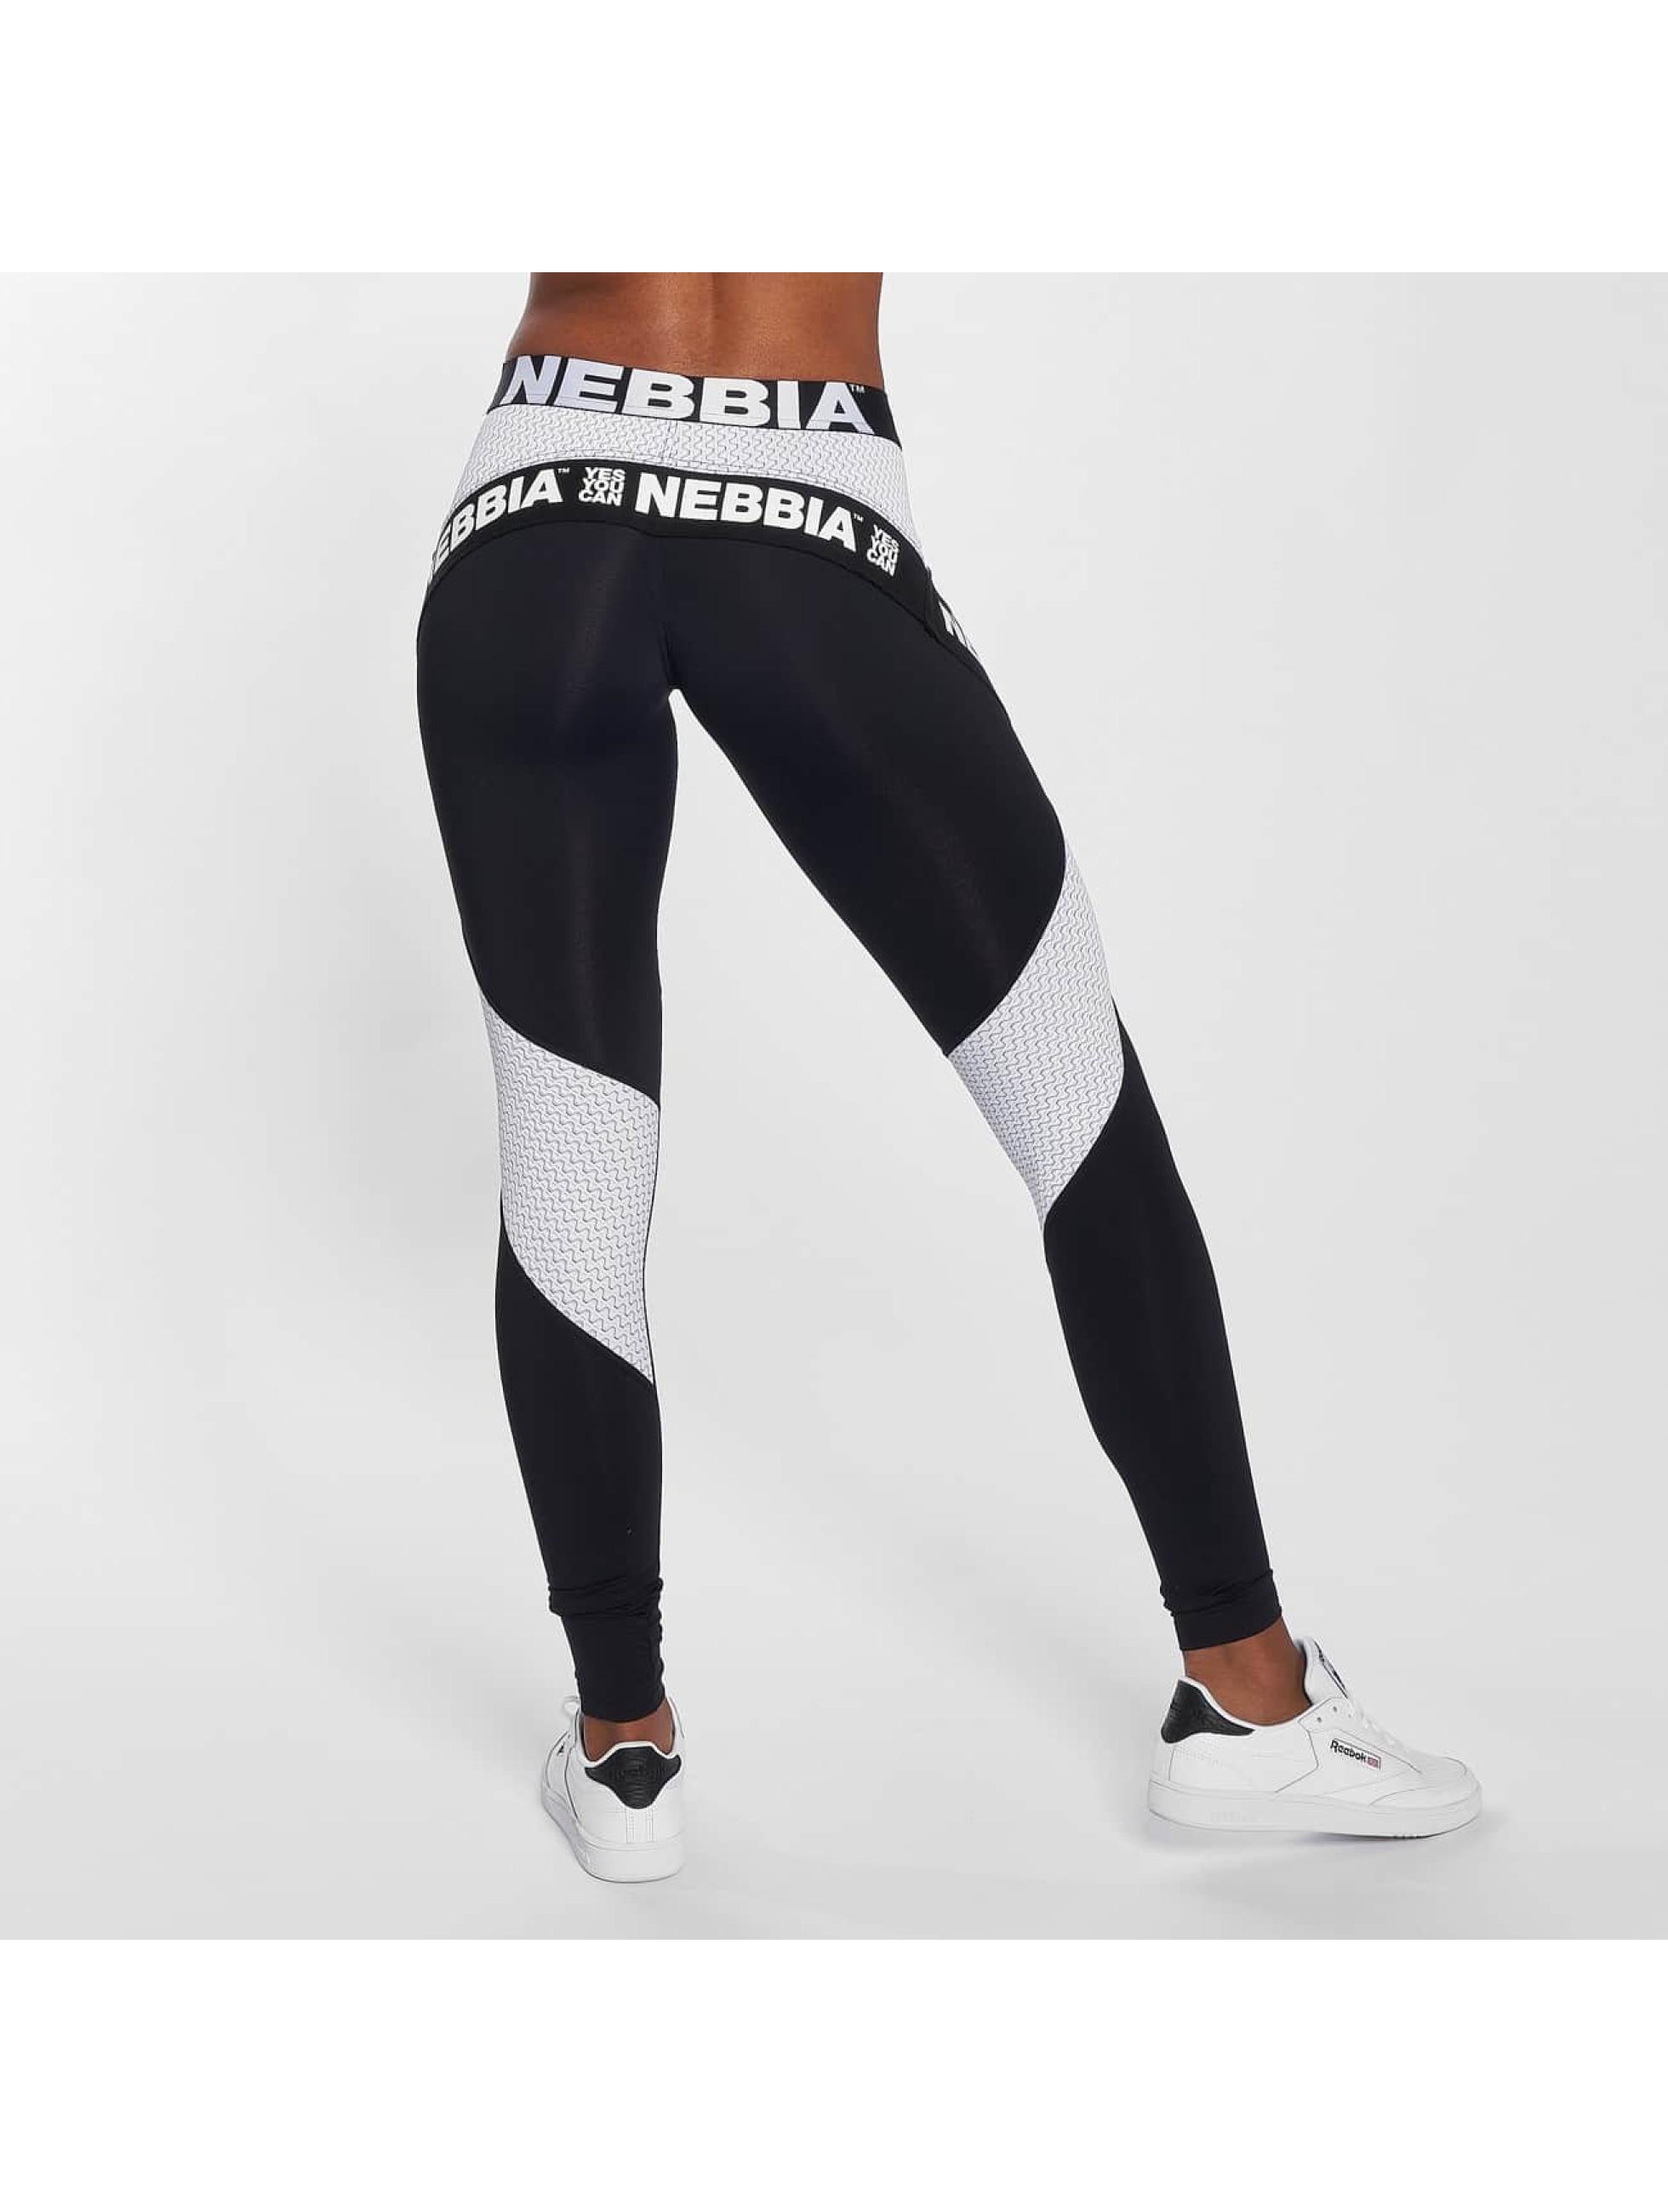 Nebbia Leggings/Treggings Combi black